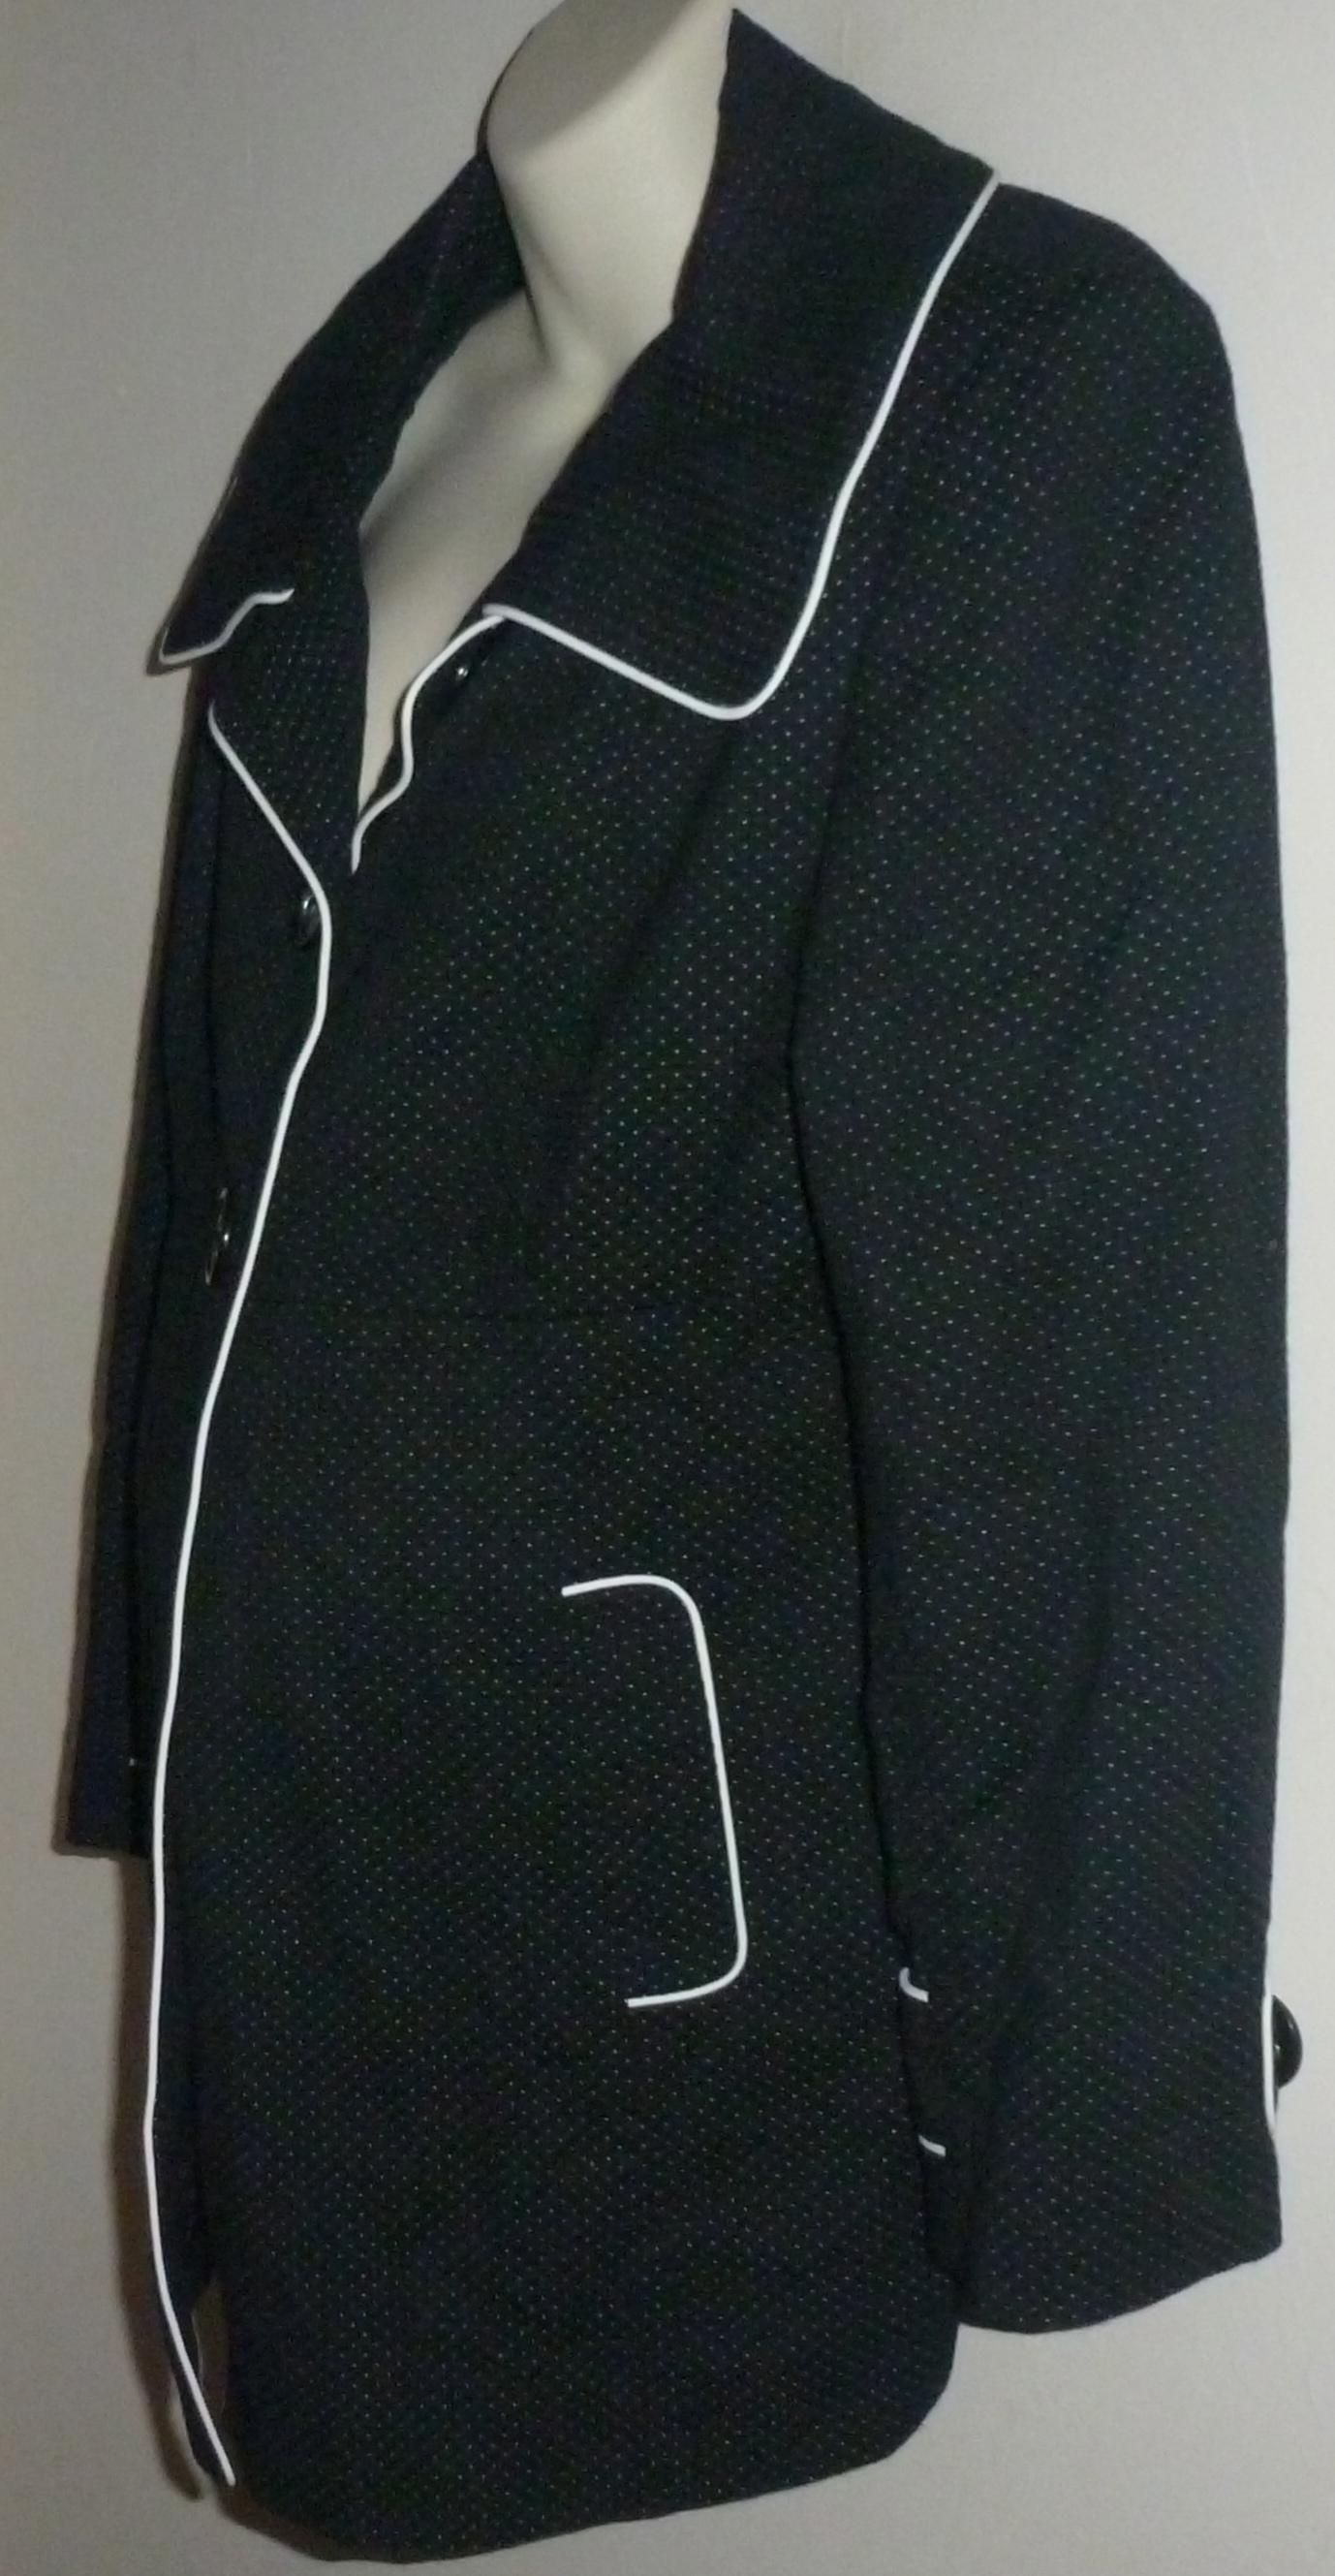 52f128098703c Black/White Lined Coat-Liz Lange Maternity Size Large on Storenvy